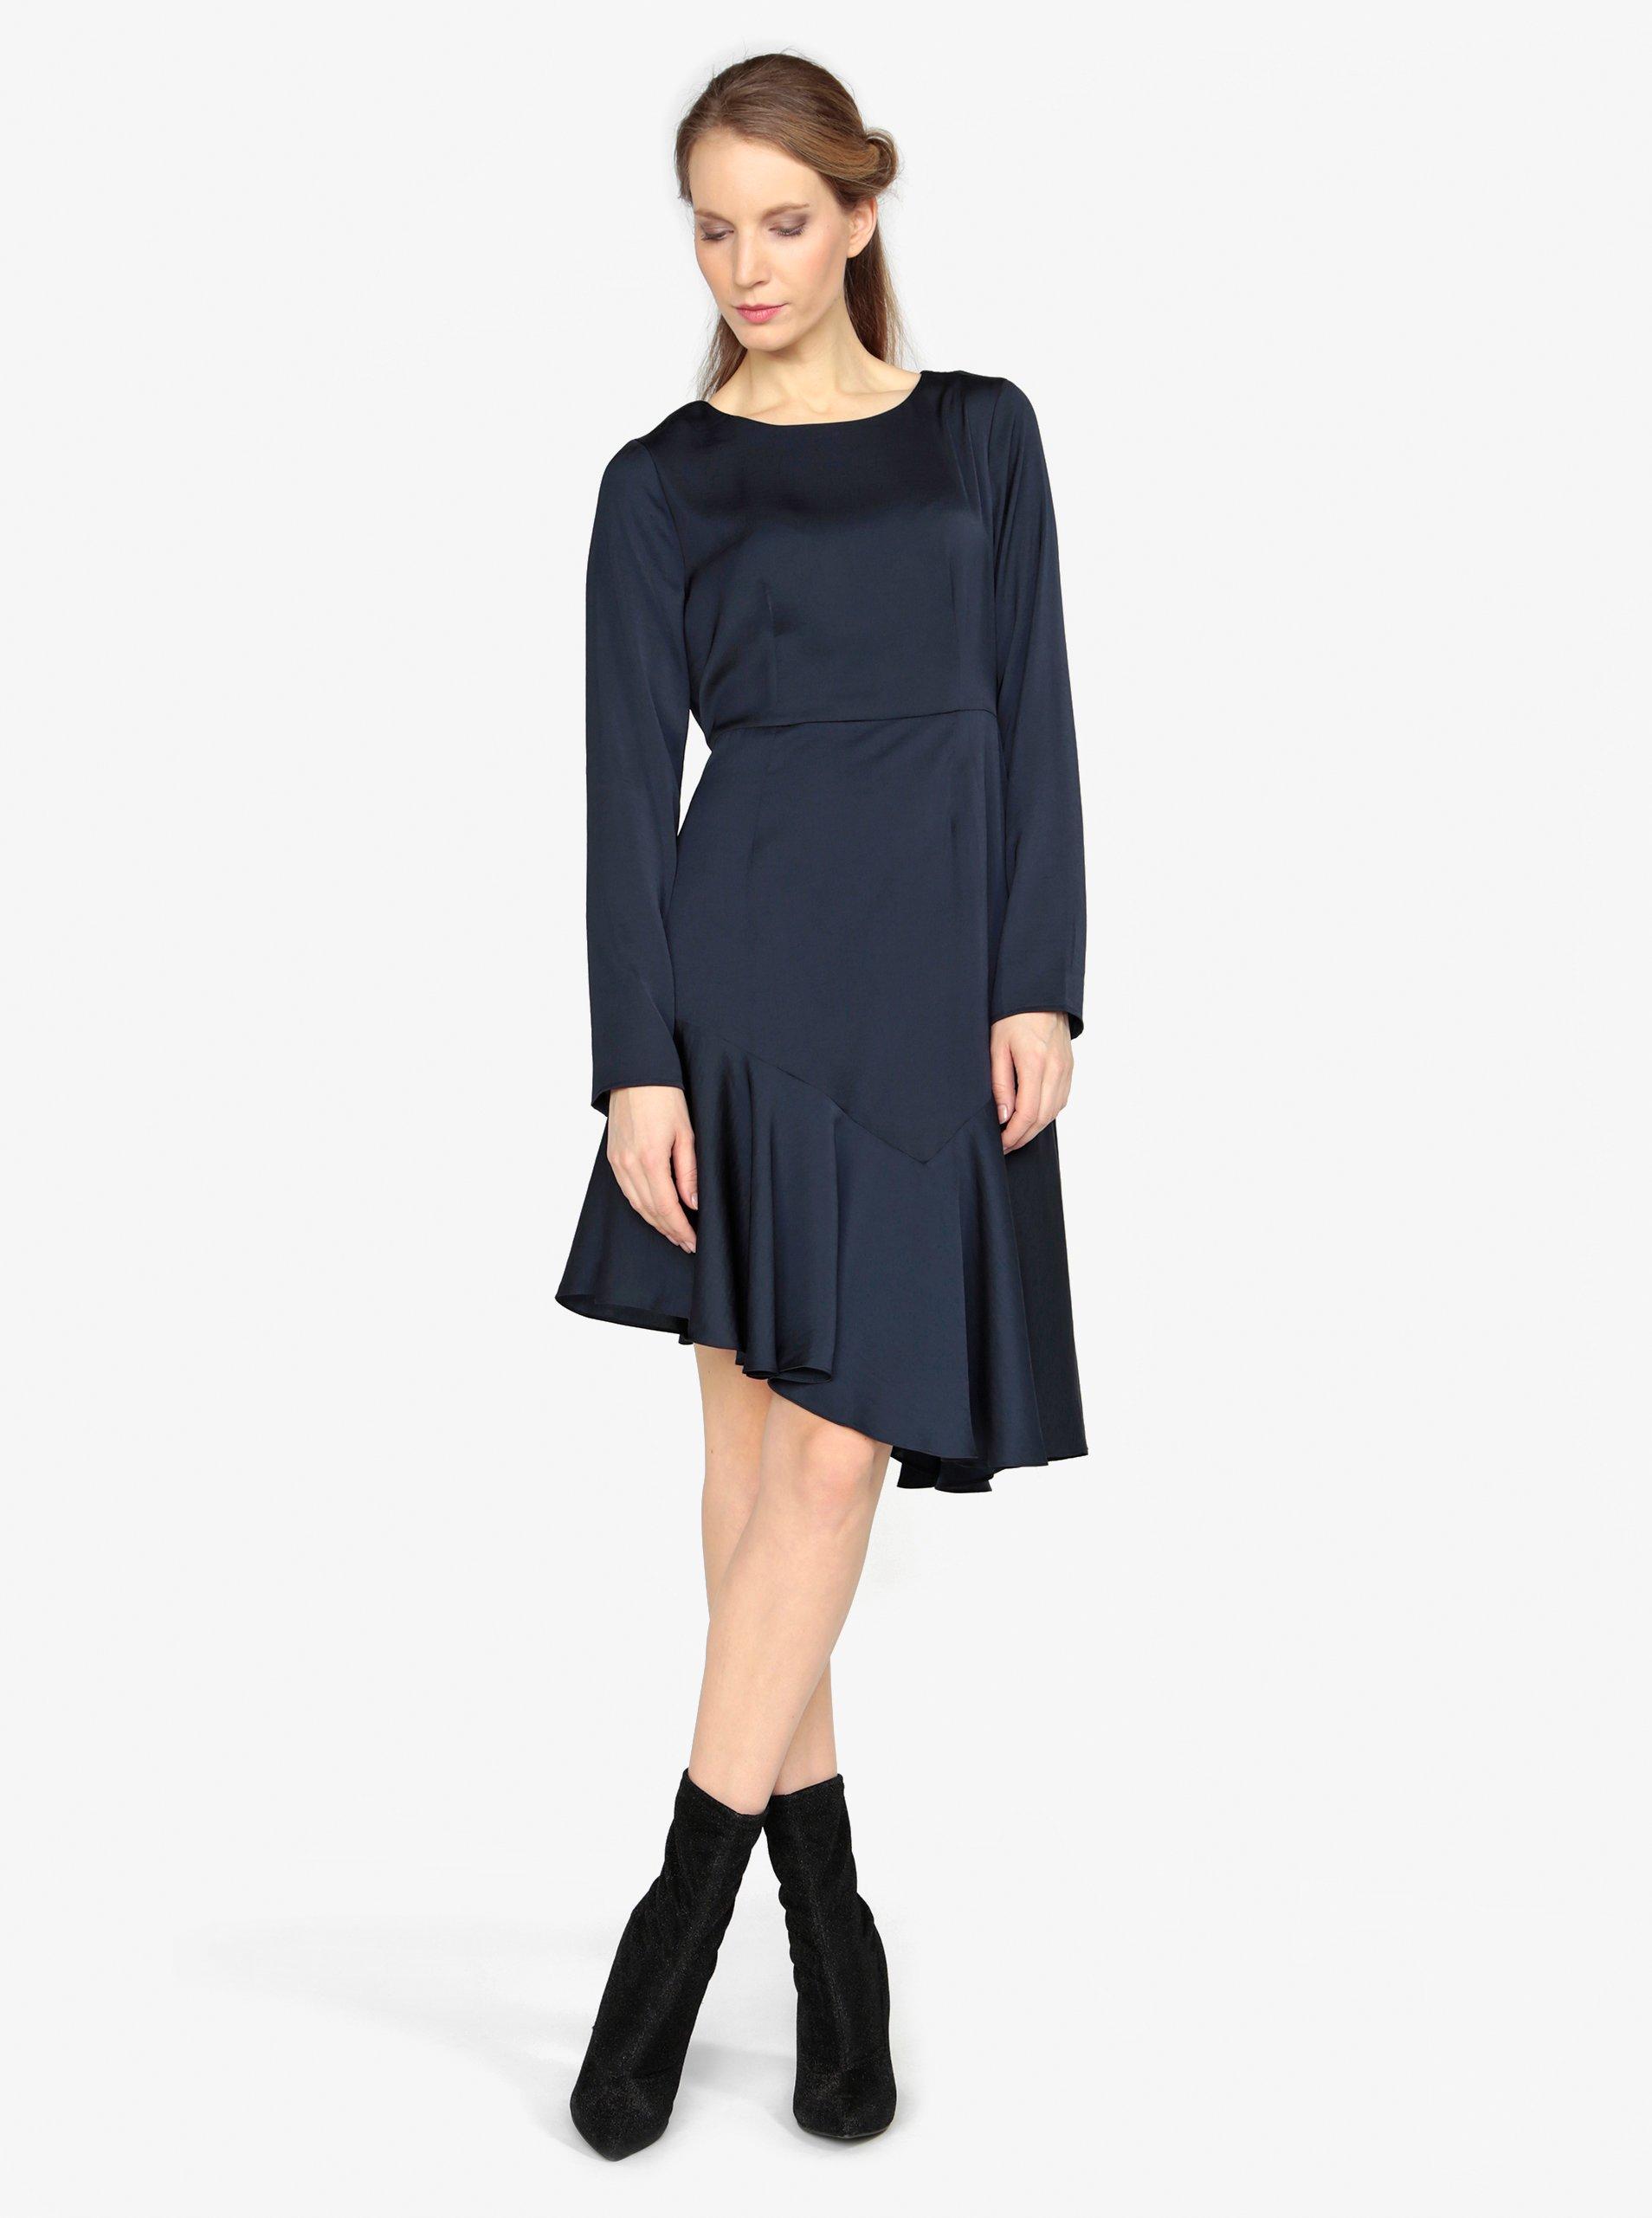 Tmavomodré asymetrické šaty s dlhým rukávom VERO MODA Elsa b57c1c8730d